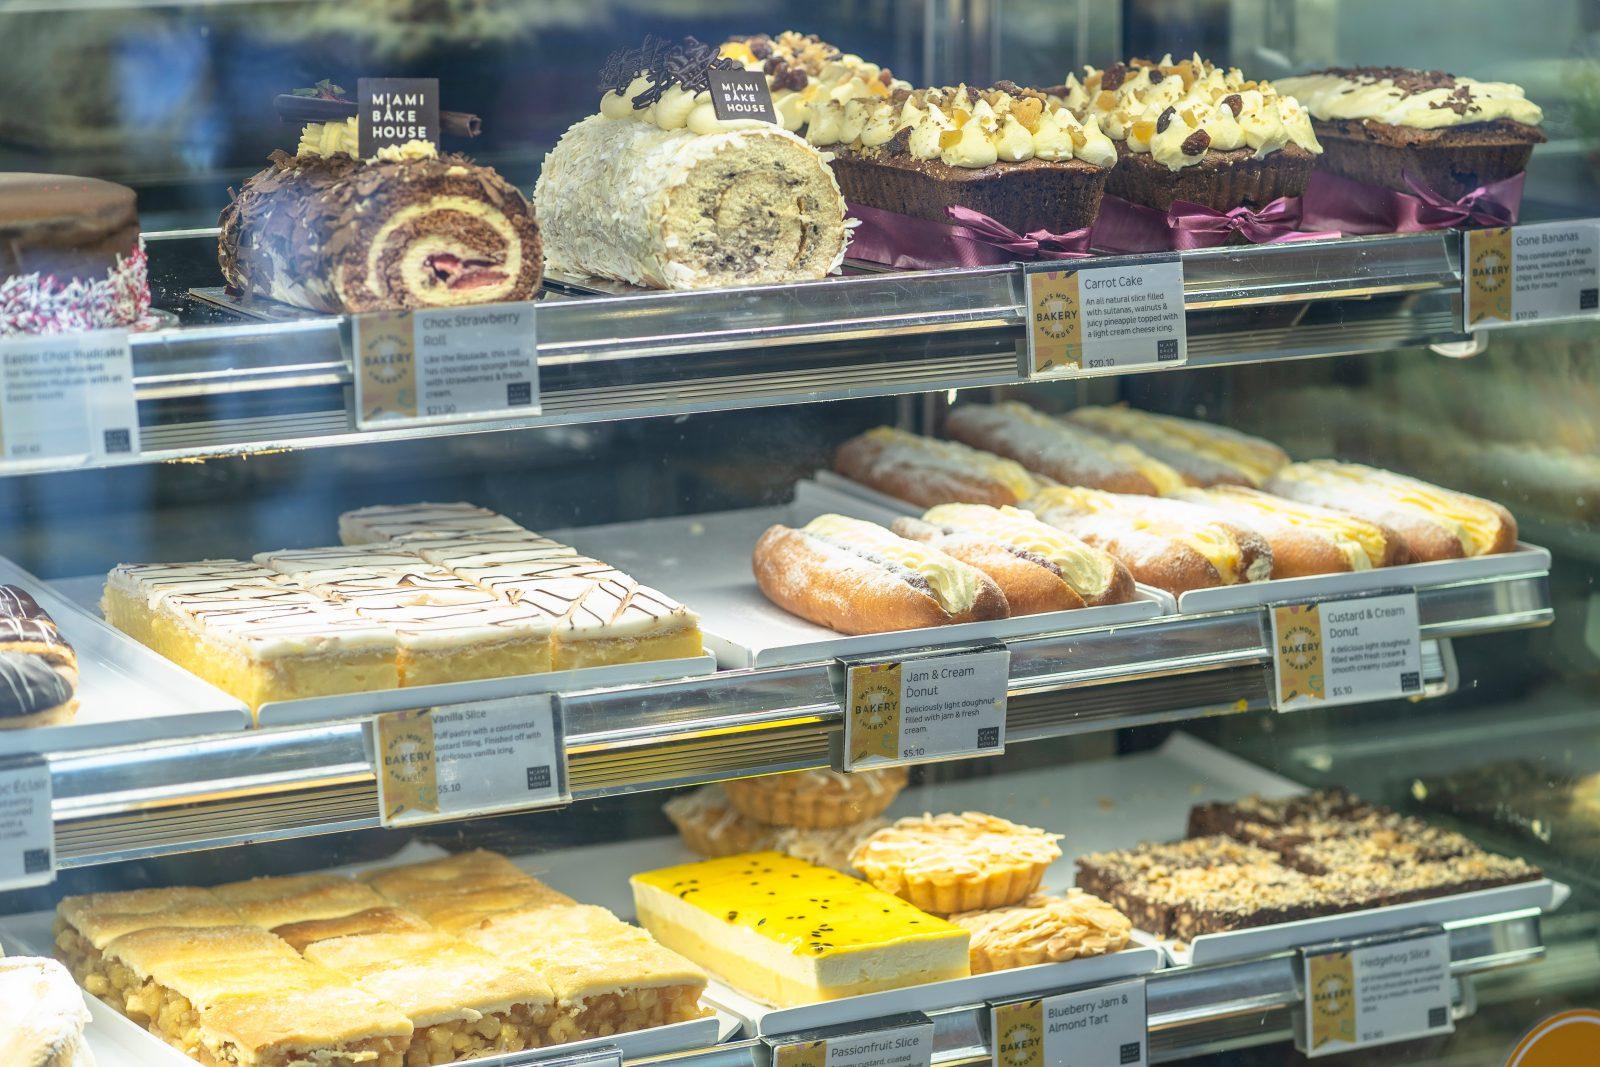 Miami Bakehouse, West Pinjarra, Western Australia